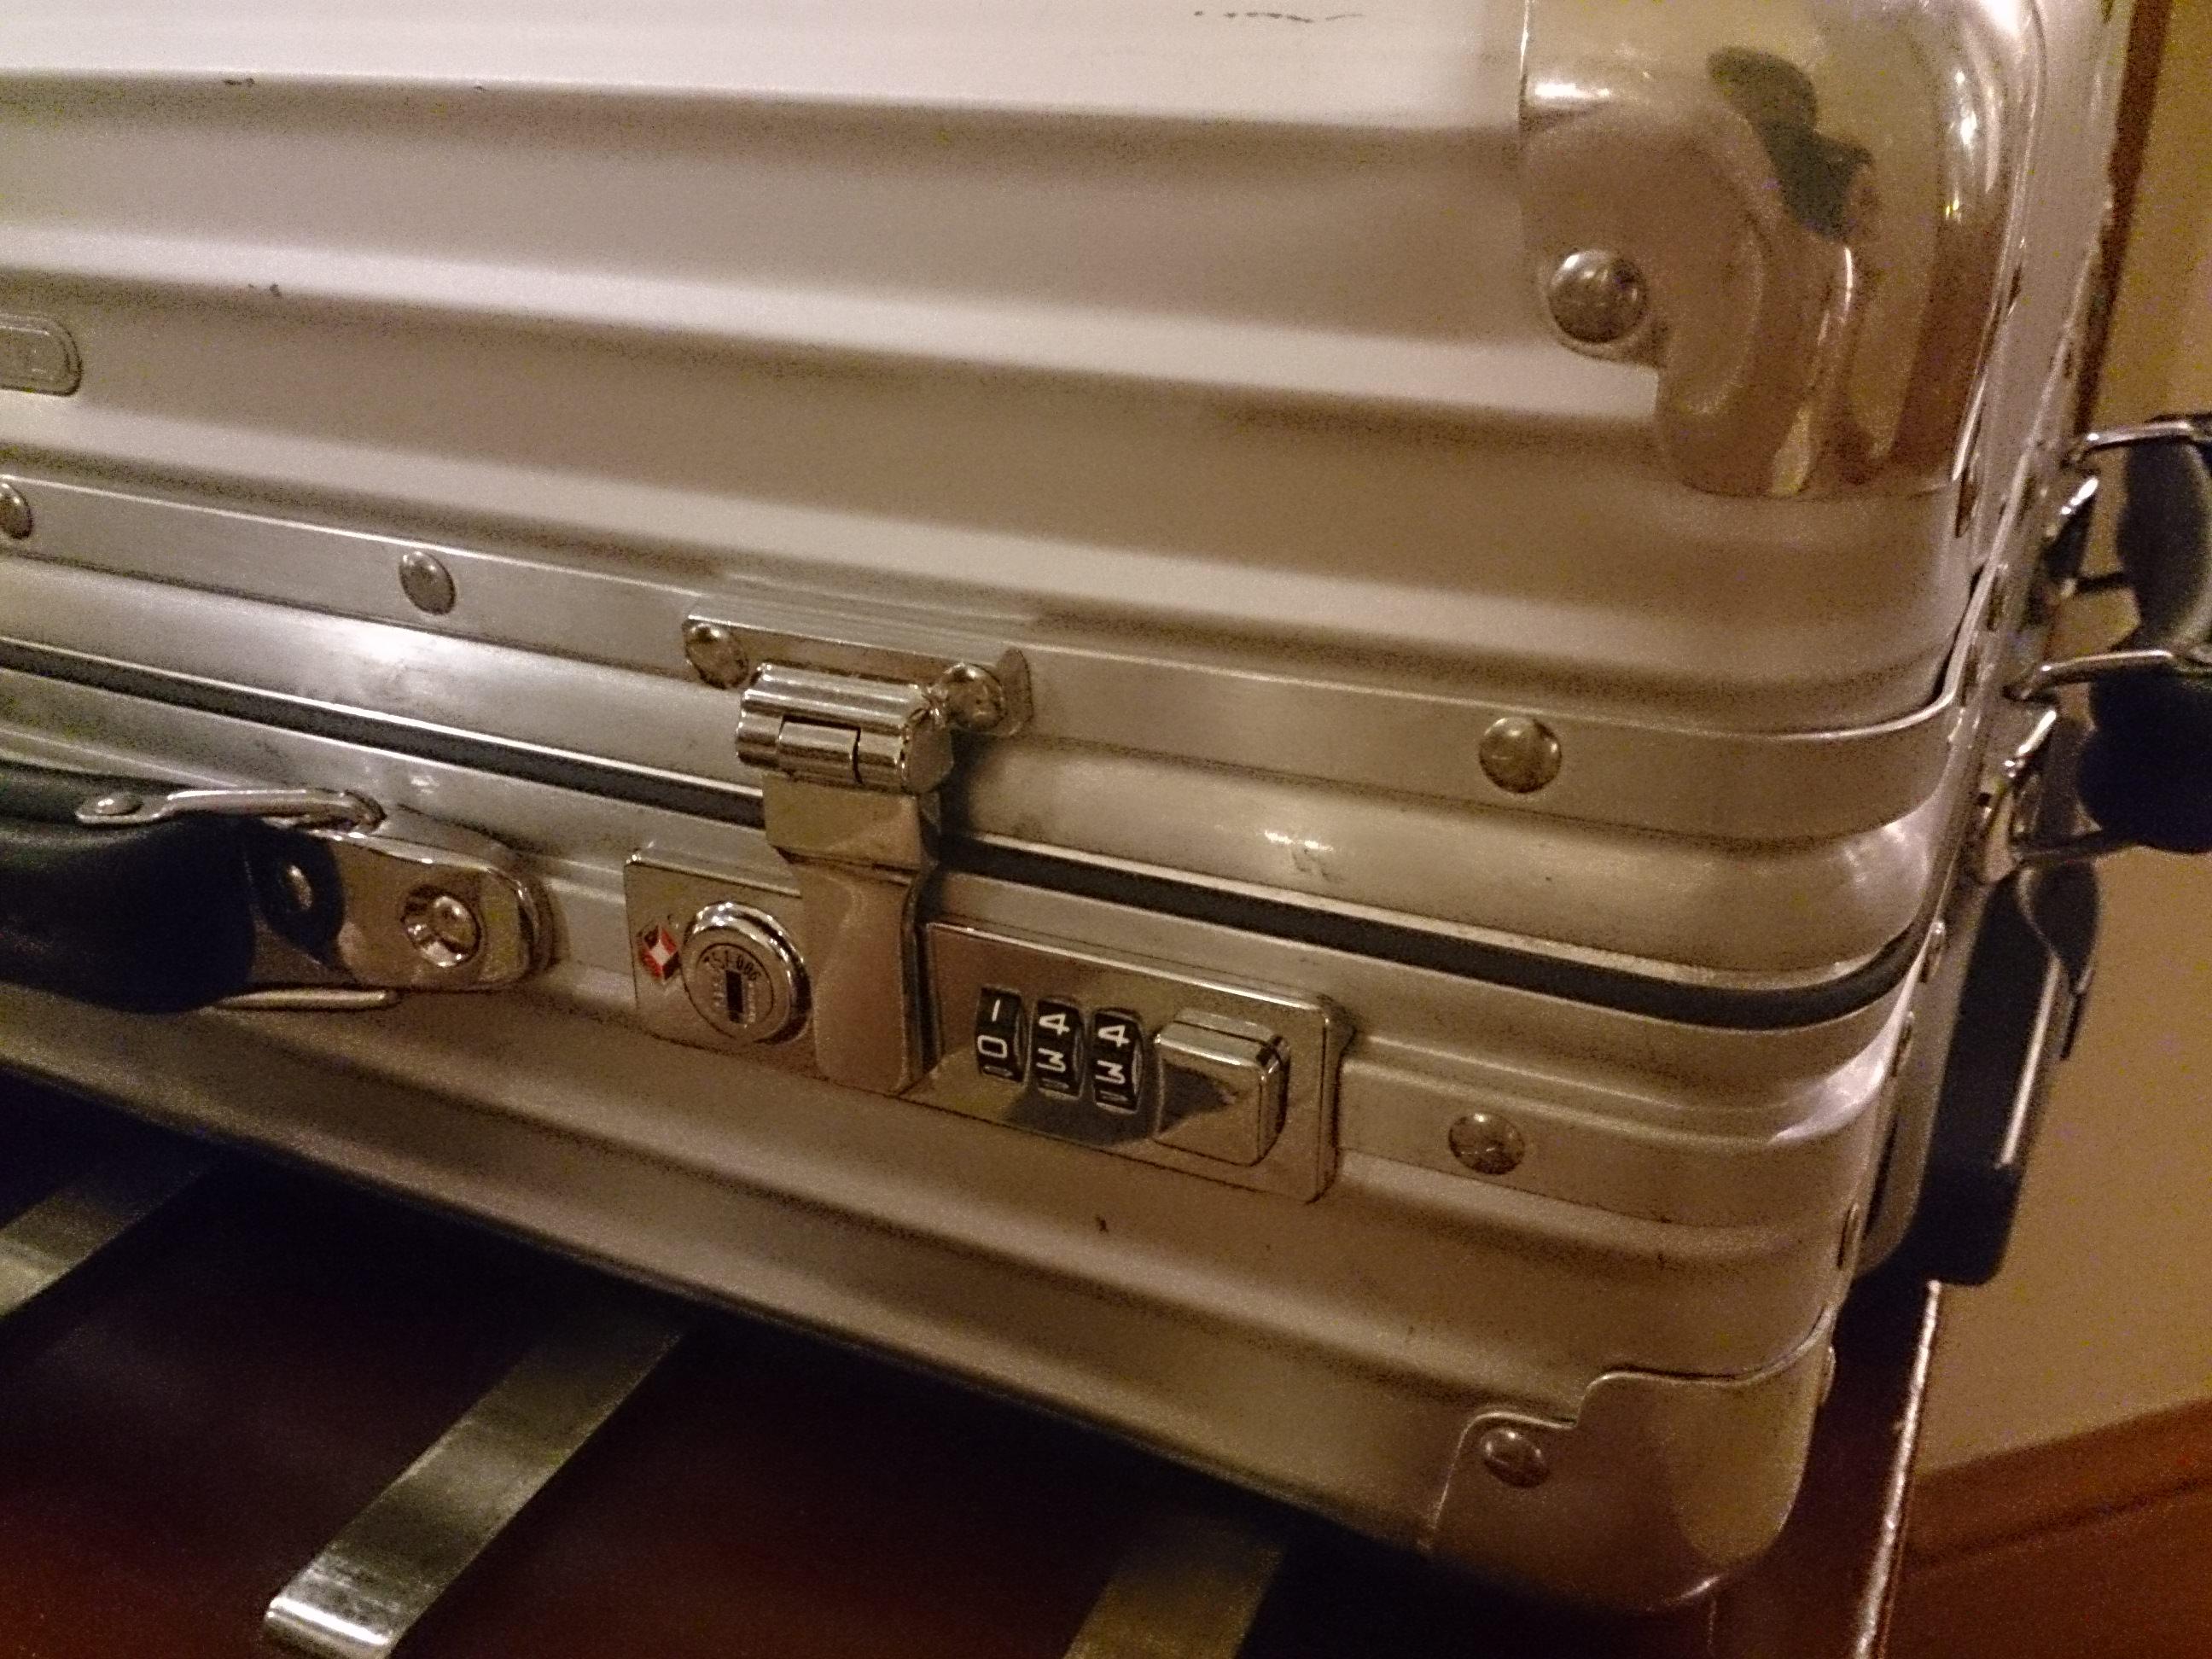 出張中の絶望 スーツケースのダイアルロックが開かなくなった